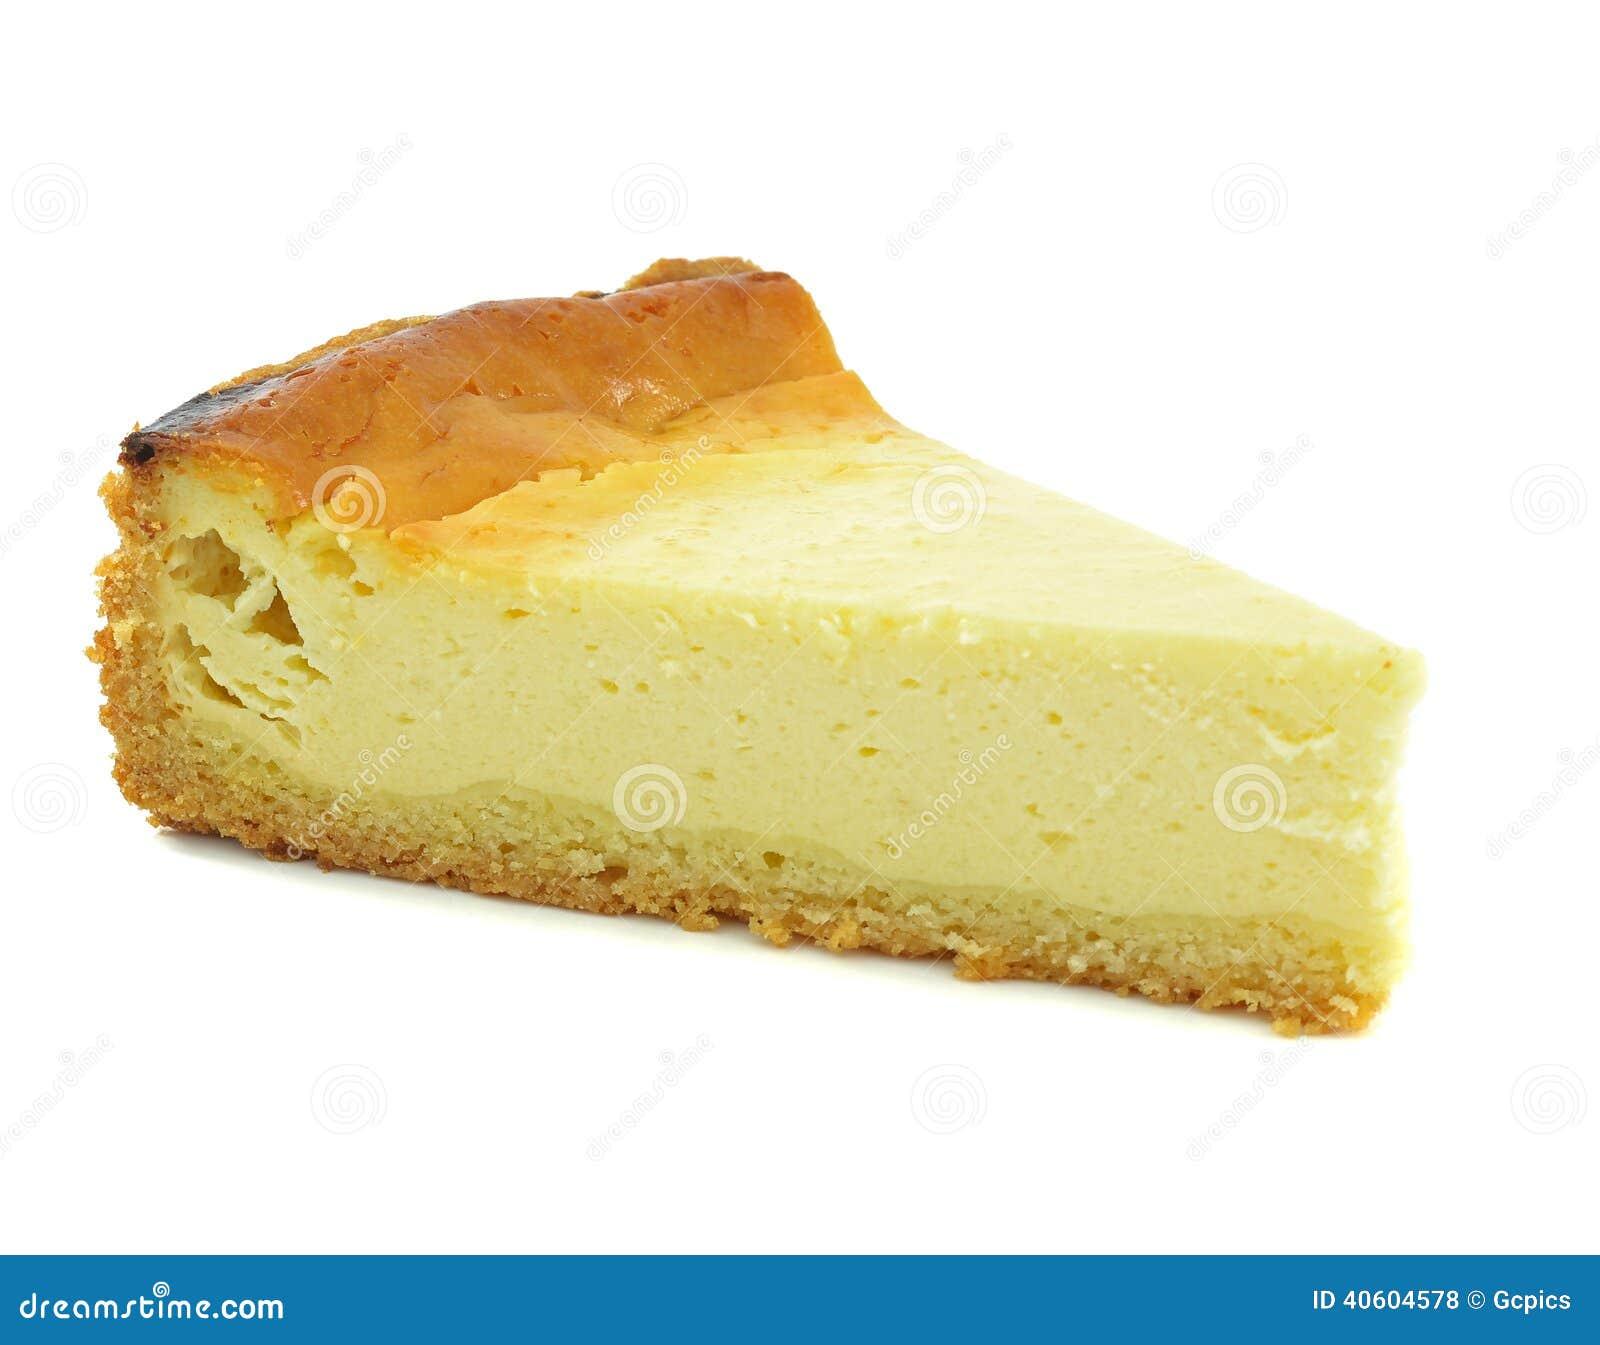 No Piece Of Cake